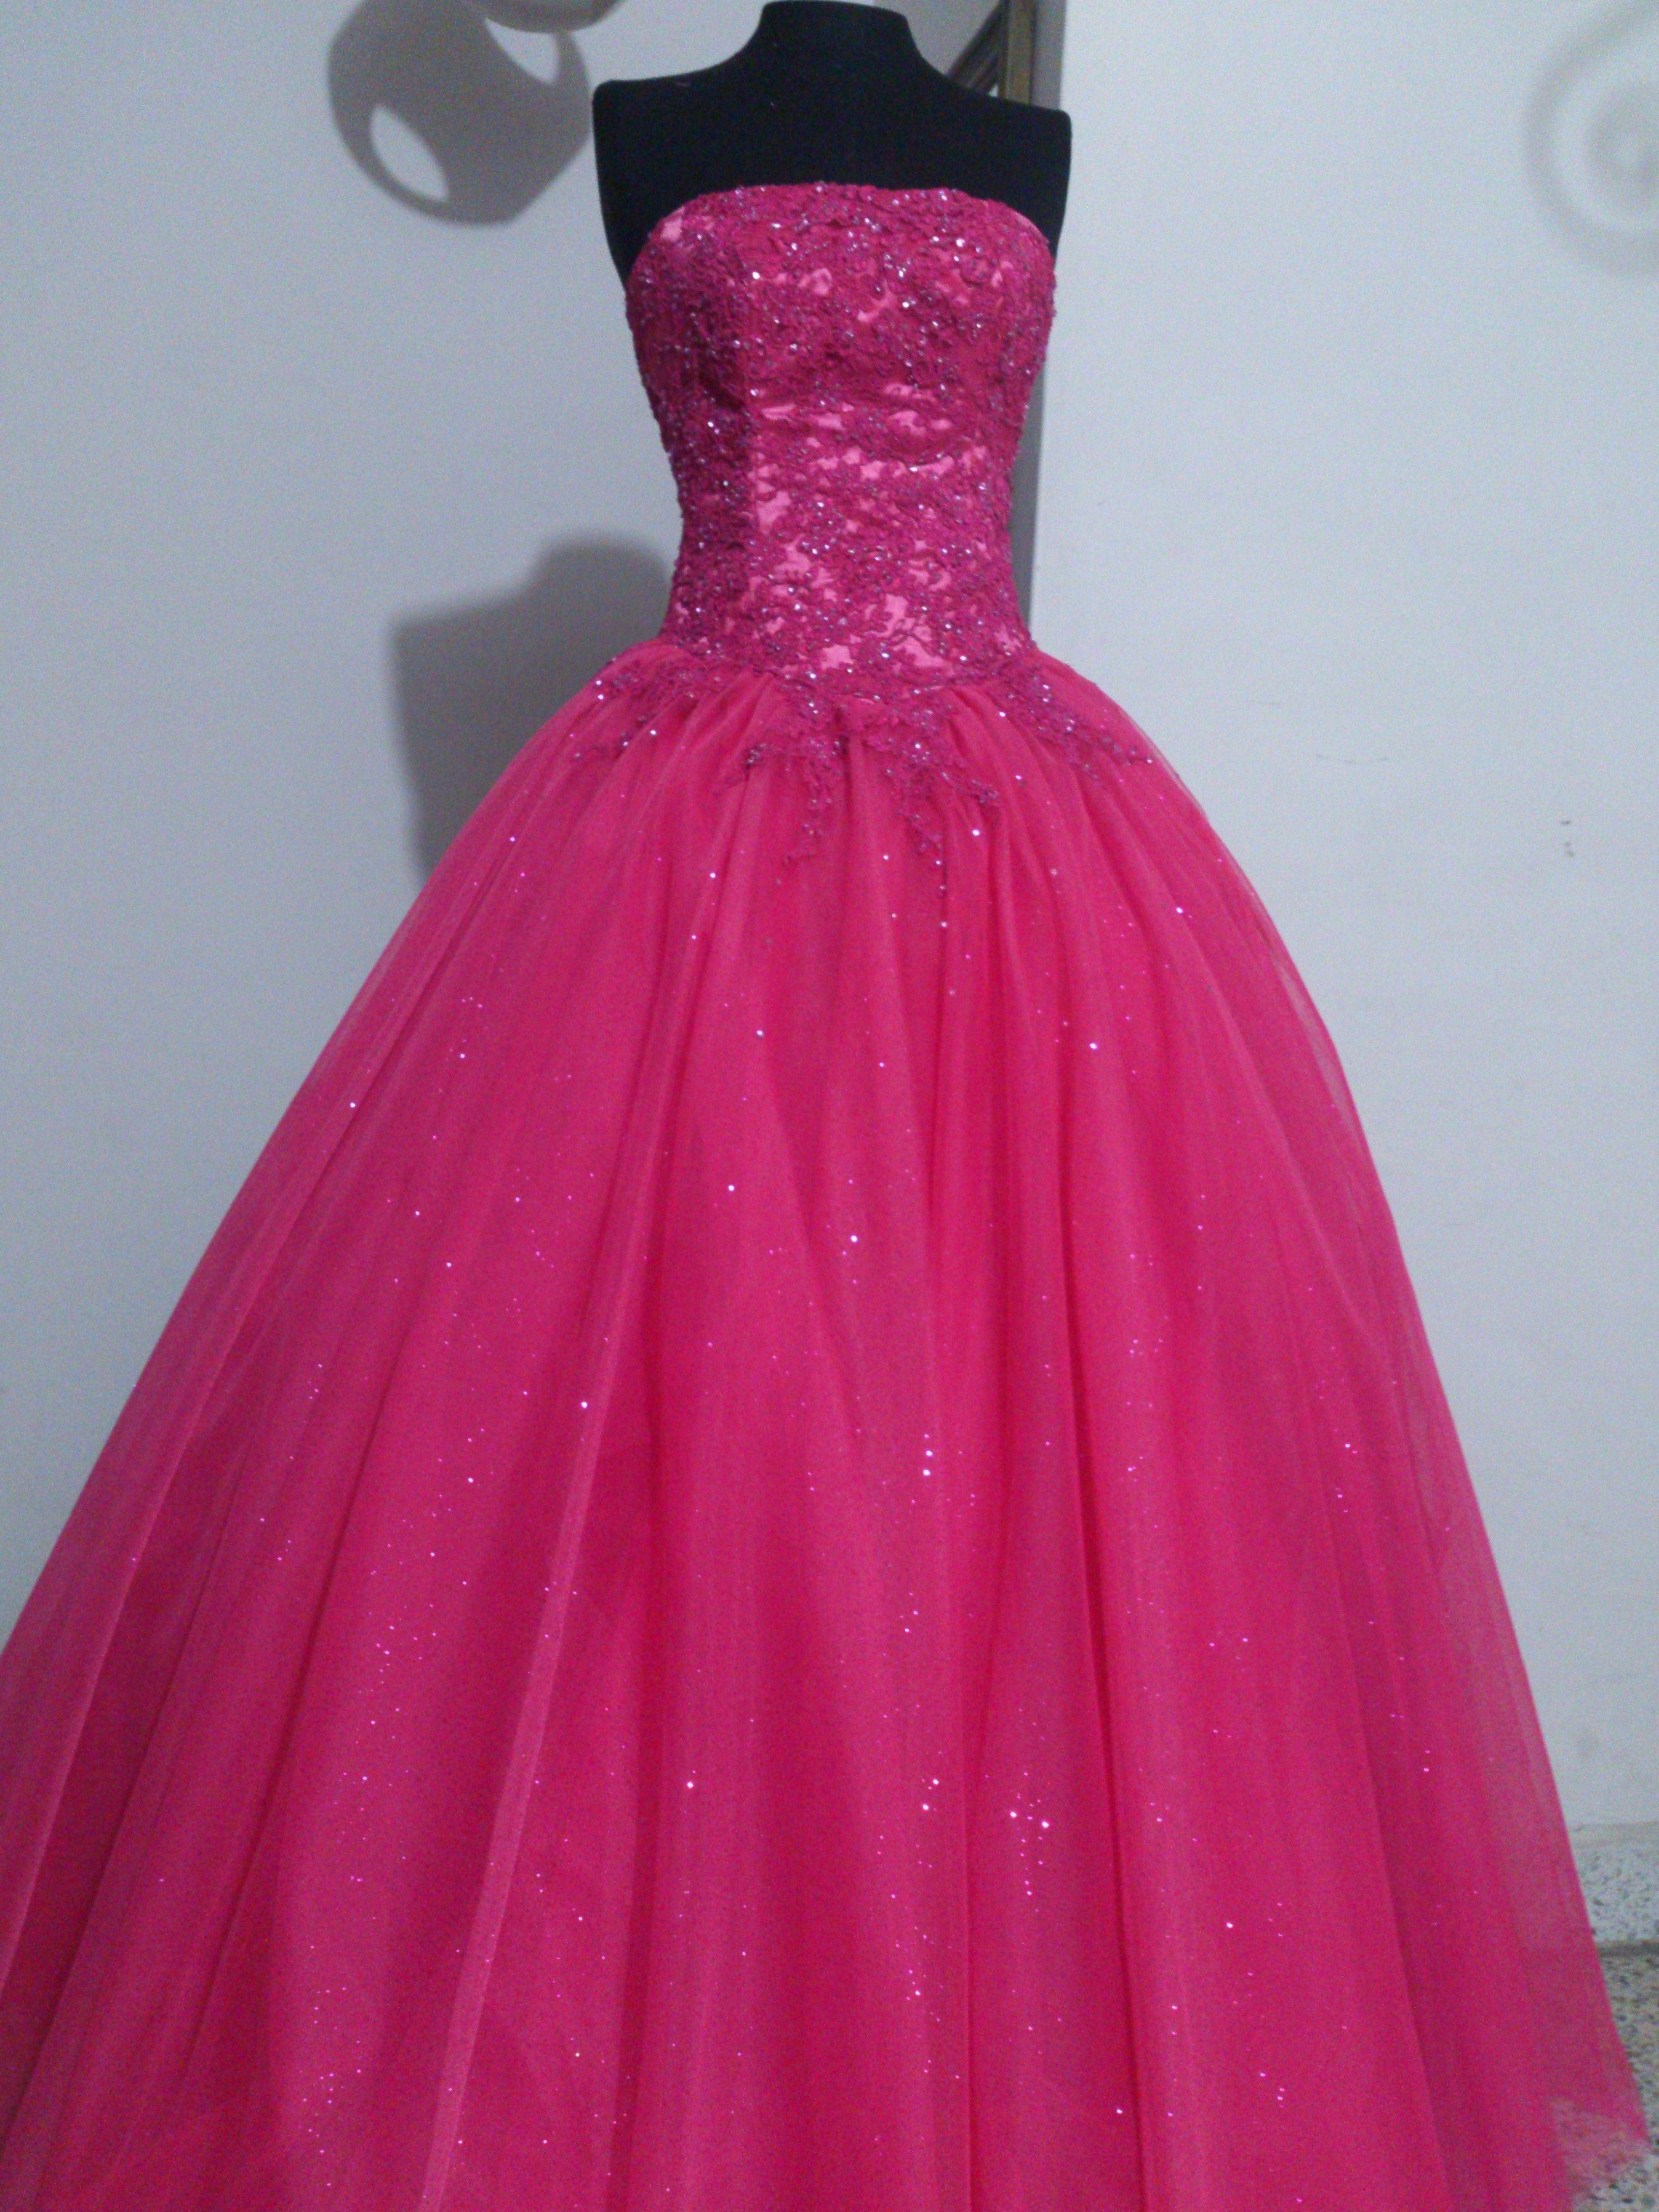 Cenicienta en rosa | RG vestidos fiesta | Pinterest | Cenicienta y Rosas